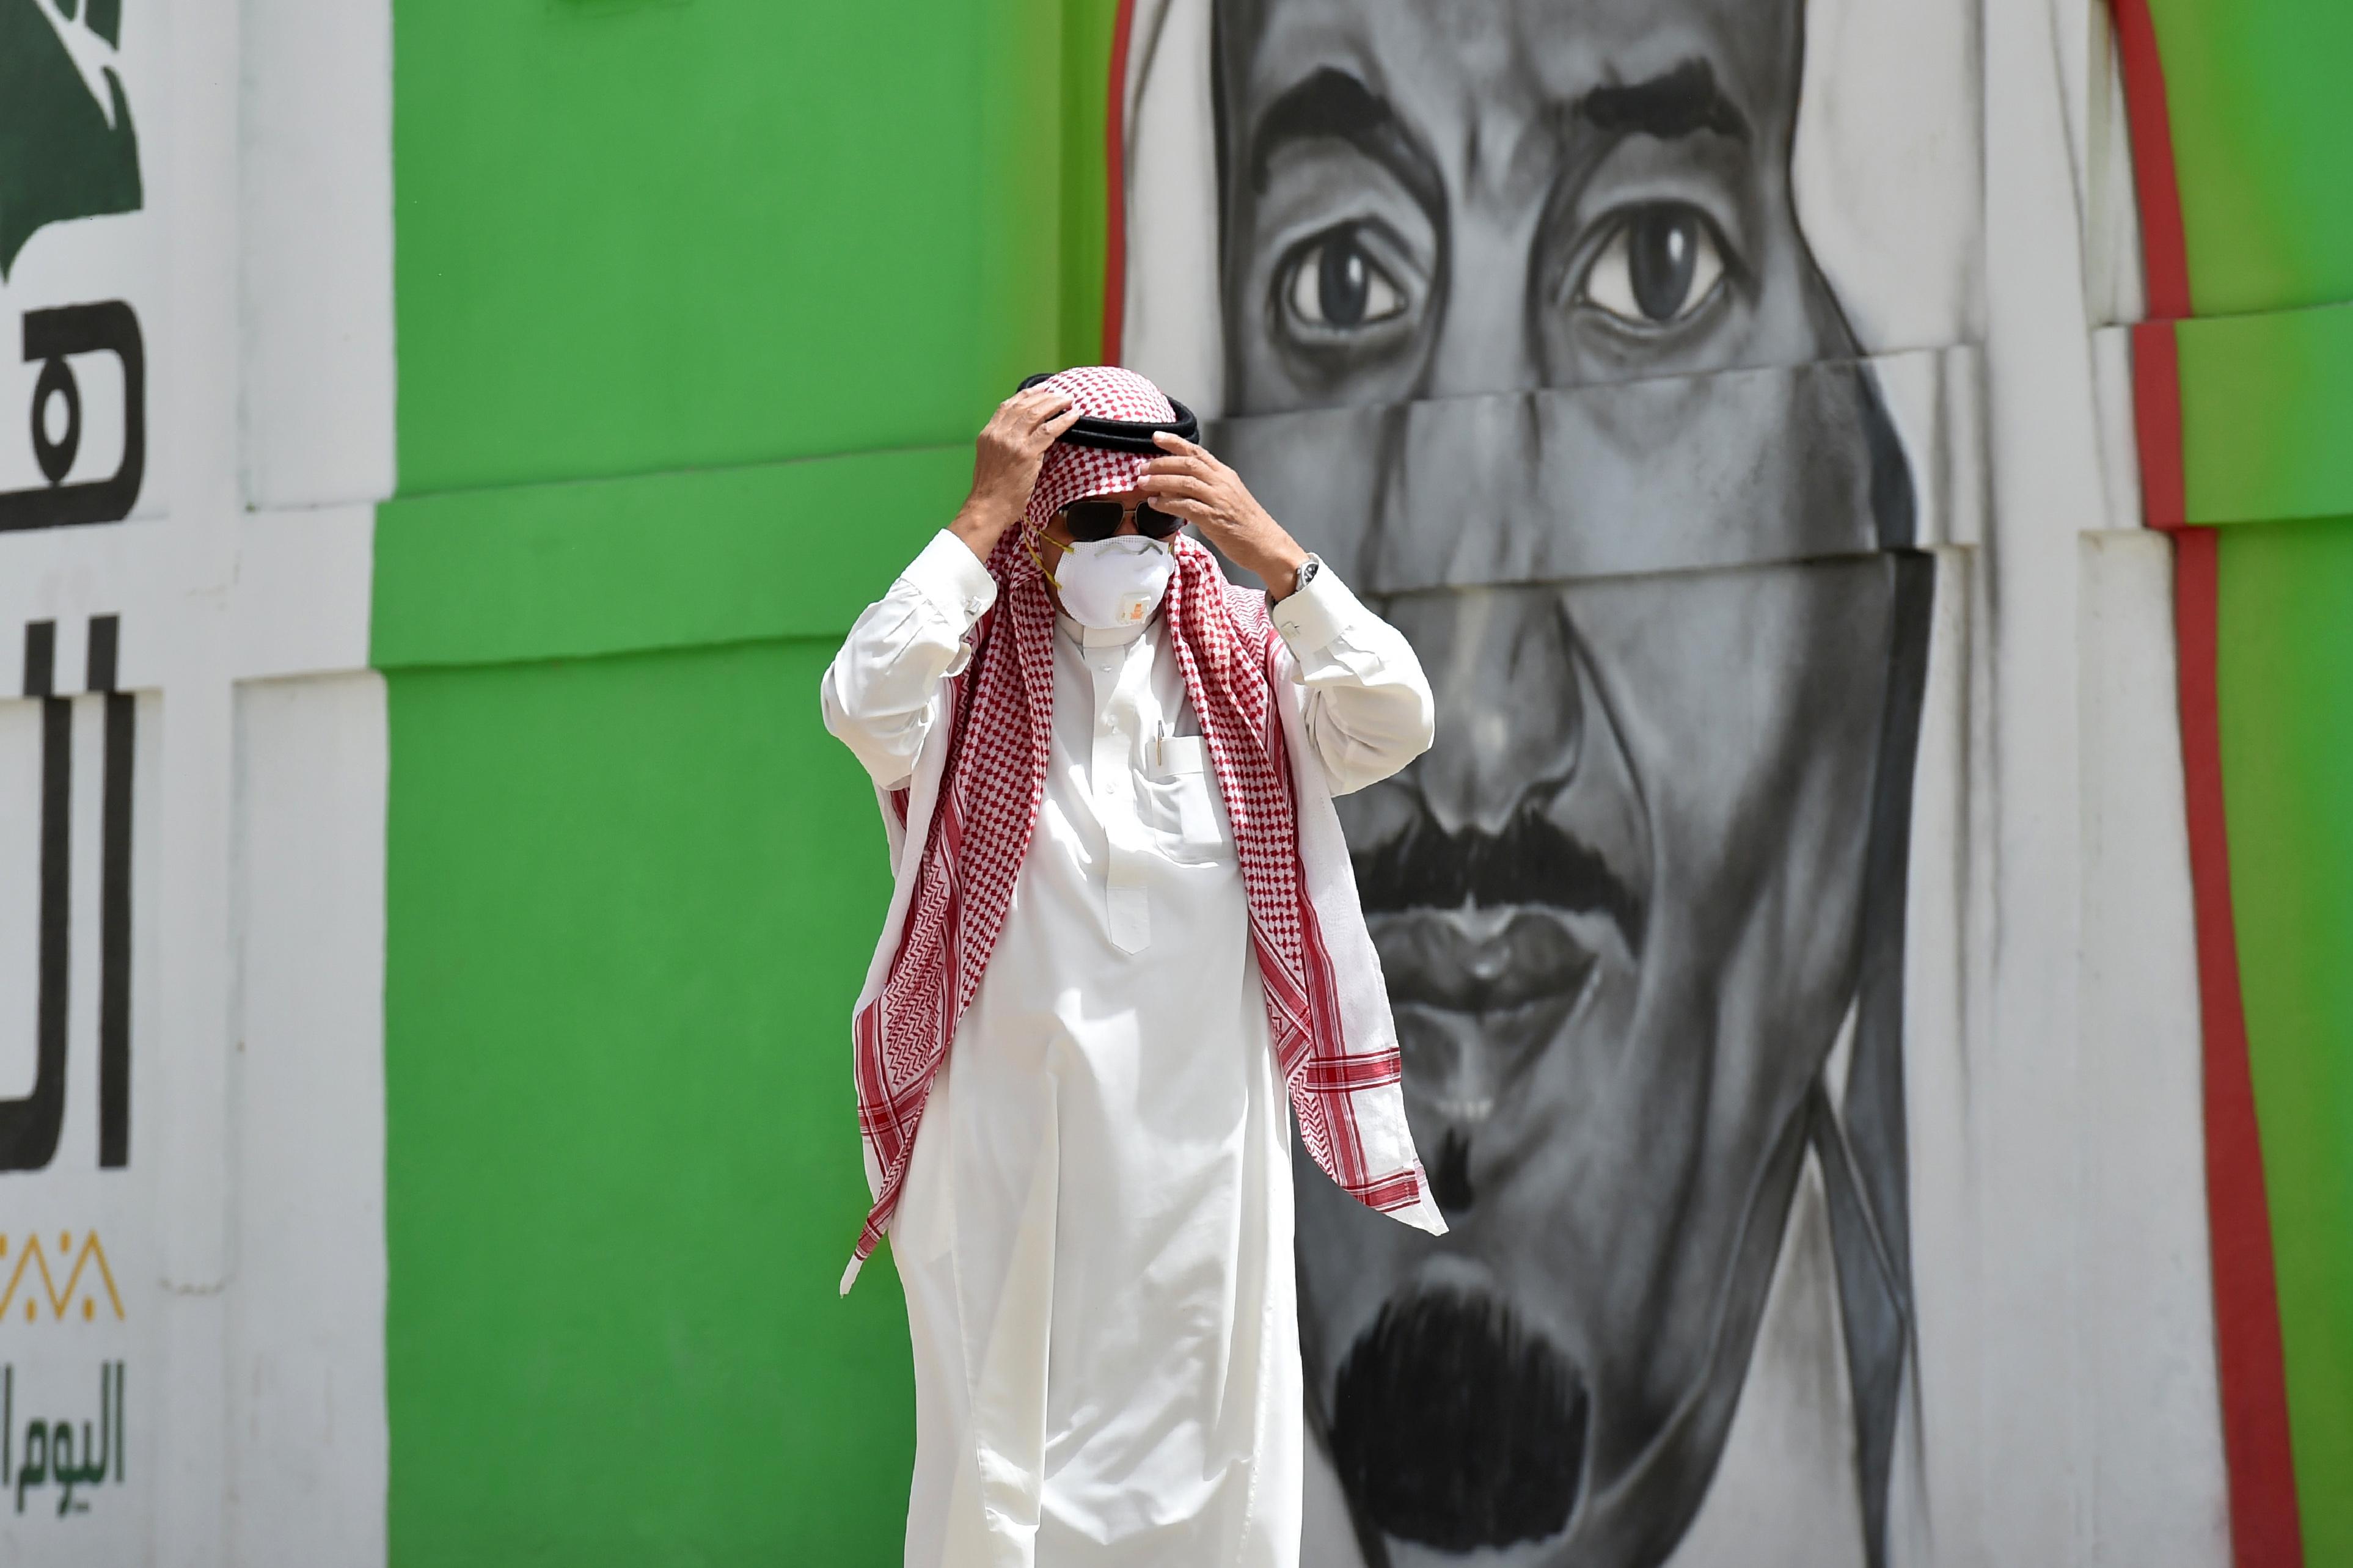 قيدت المملكة السعودية السفر، وعلقت مناسك العمرة والحج إلى إشعار آخر